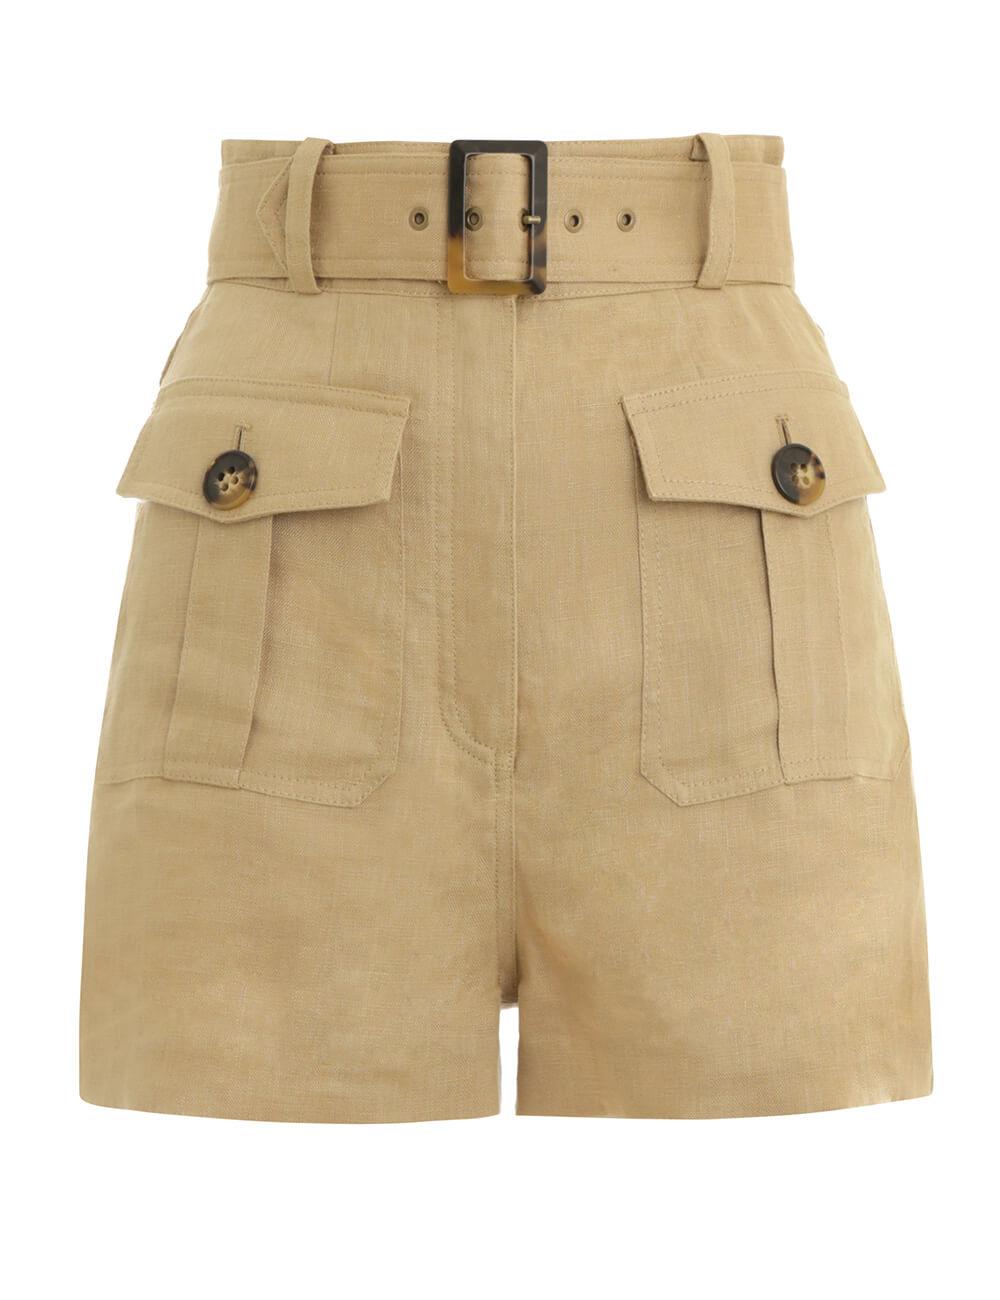 Suraya Safari Shorts